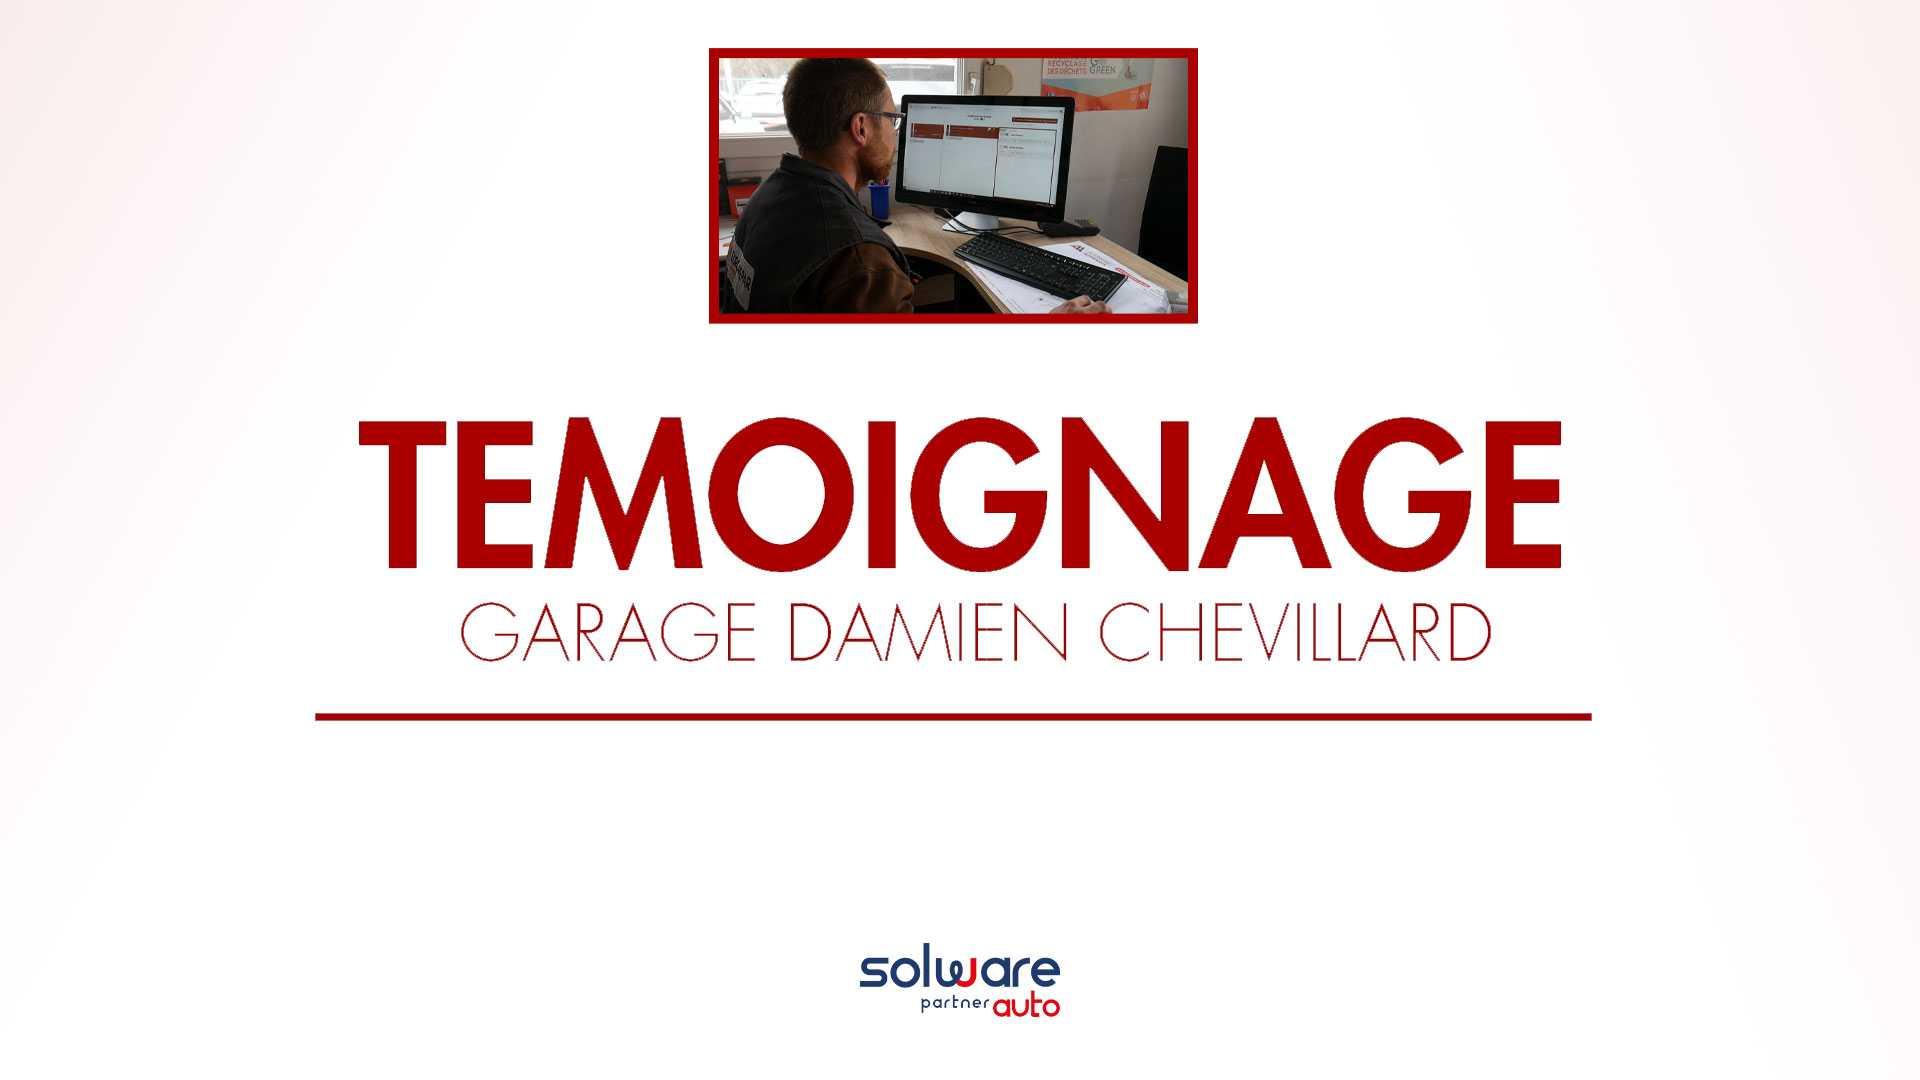 Damien Chevillard gérant du garage et membre du réseau EUROREPAR Car Service témoigne sur l'utilisation de notre logiciel de gestion atelier mécanique/carrosserie, vente VO, comptabilité «winmotor next», ainsi que sur la qualité des services de Solware Auto